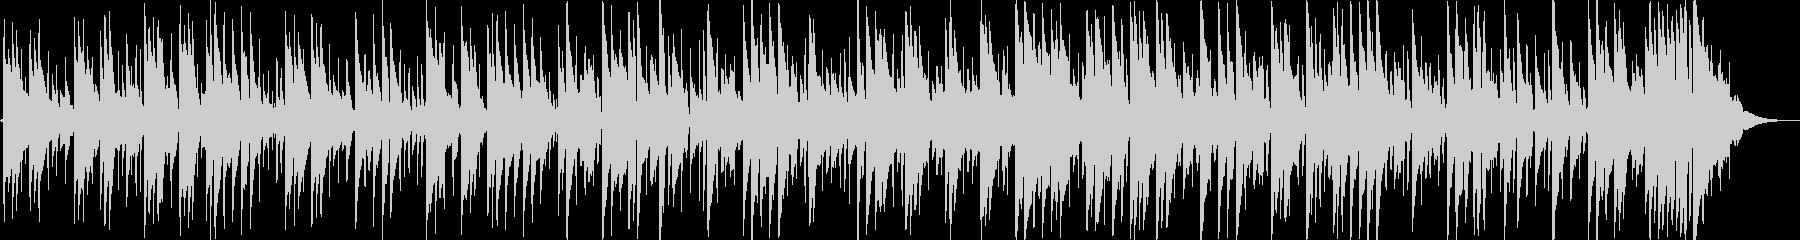 メランコリックな落ち着きのあるギター音の未再生の波形